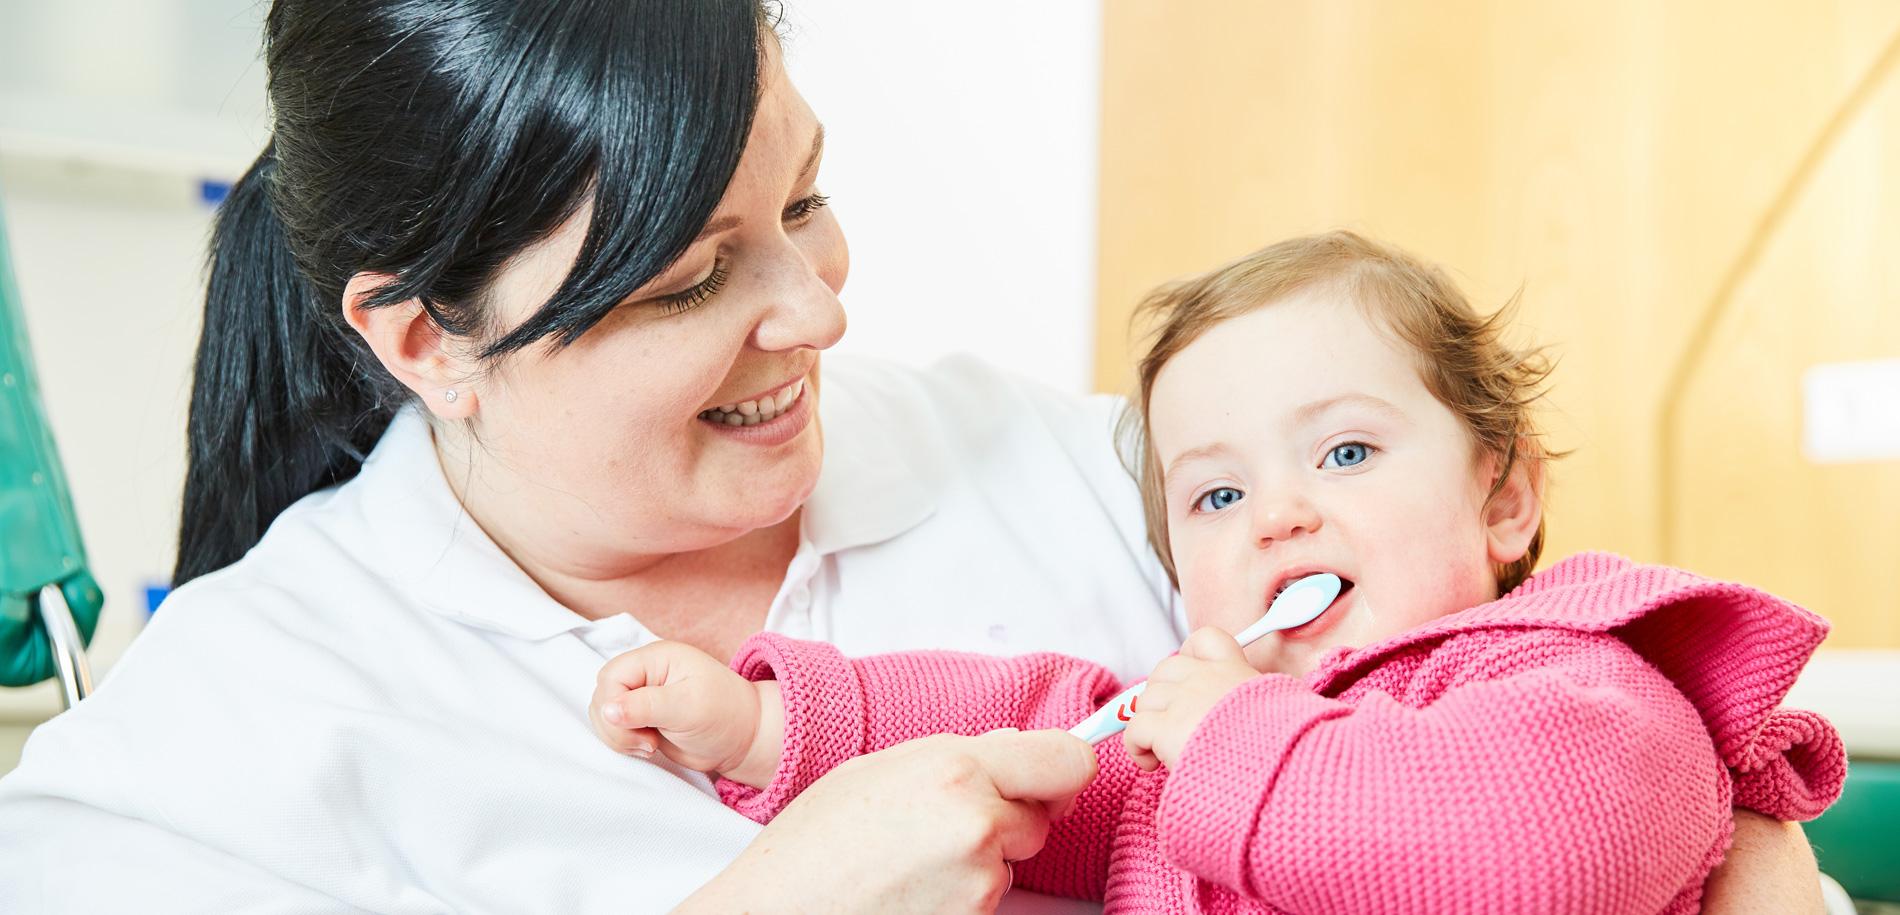 Zahnarztpraxis  Zahnrhein in Walluf - Kinderbehandlung 3